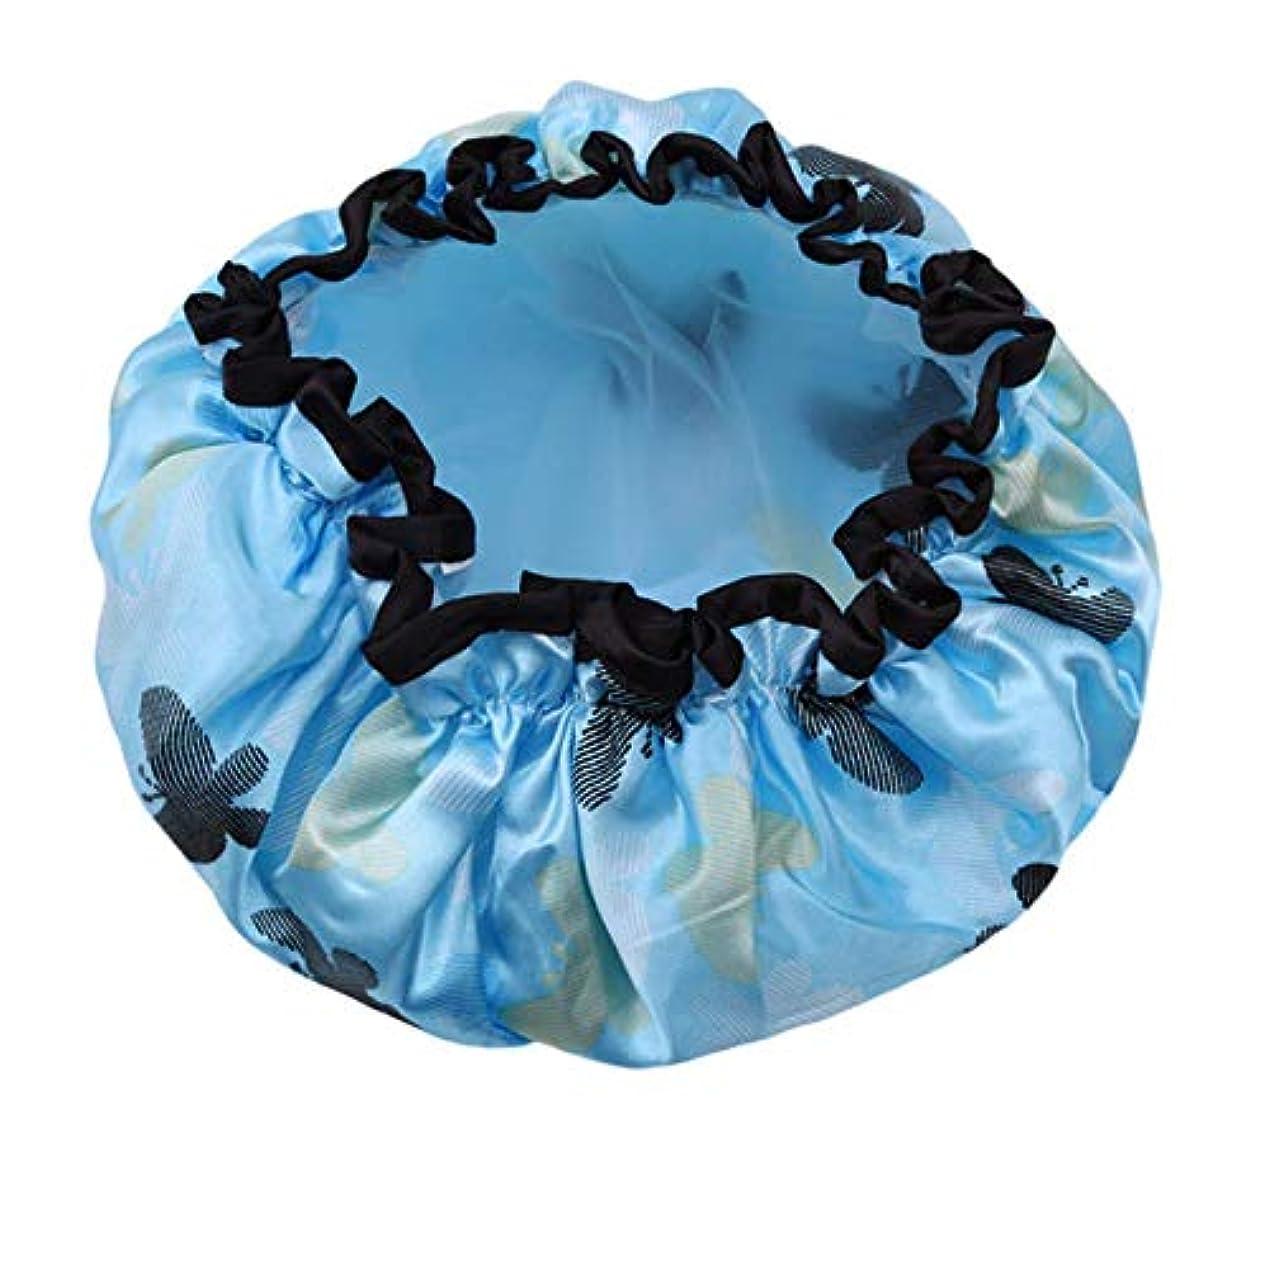 悲劇バイパスコミットメント1st market プレミアム二層バスキャップエラスティックバンドシャワー帽子防水女性用シャワースパスタイル3